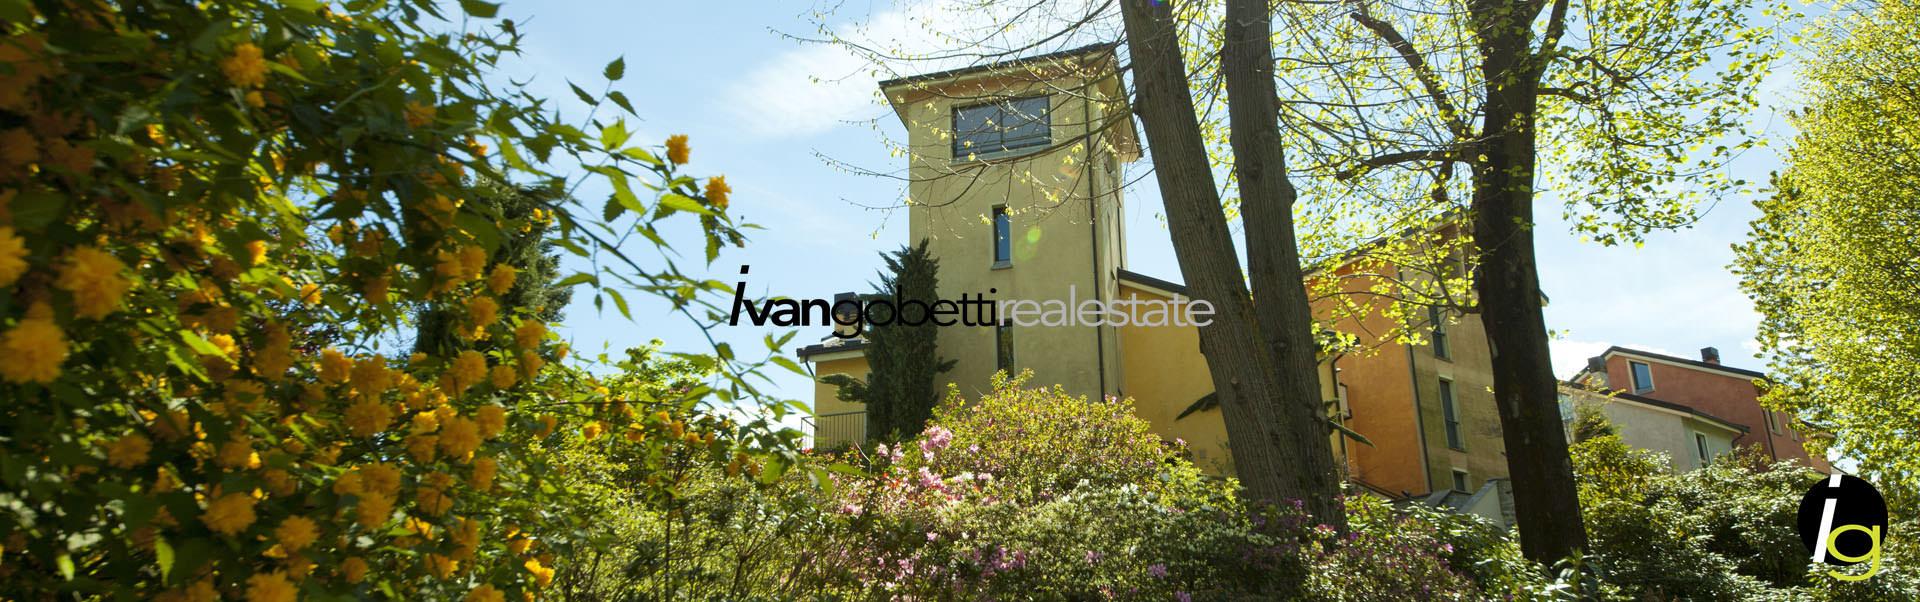 Appartamento con vista Lago Maggiore, Ghiffa